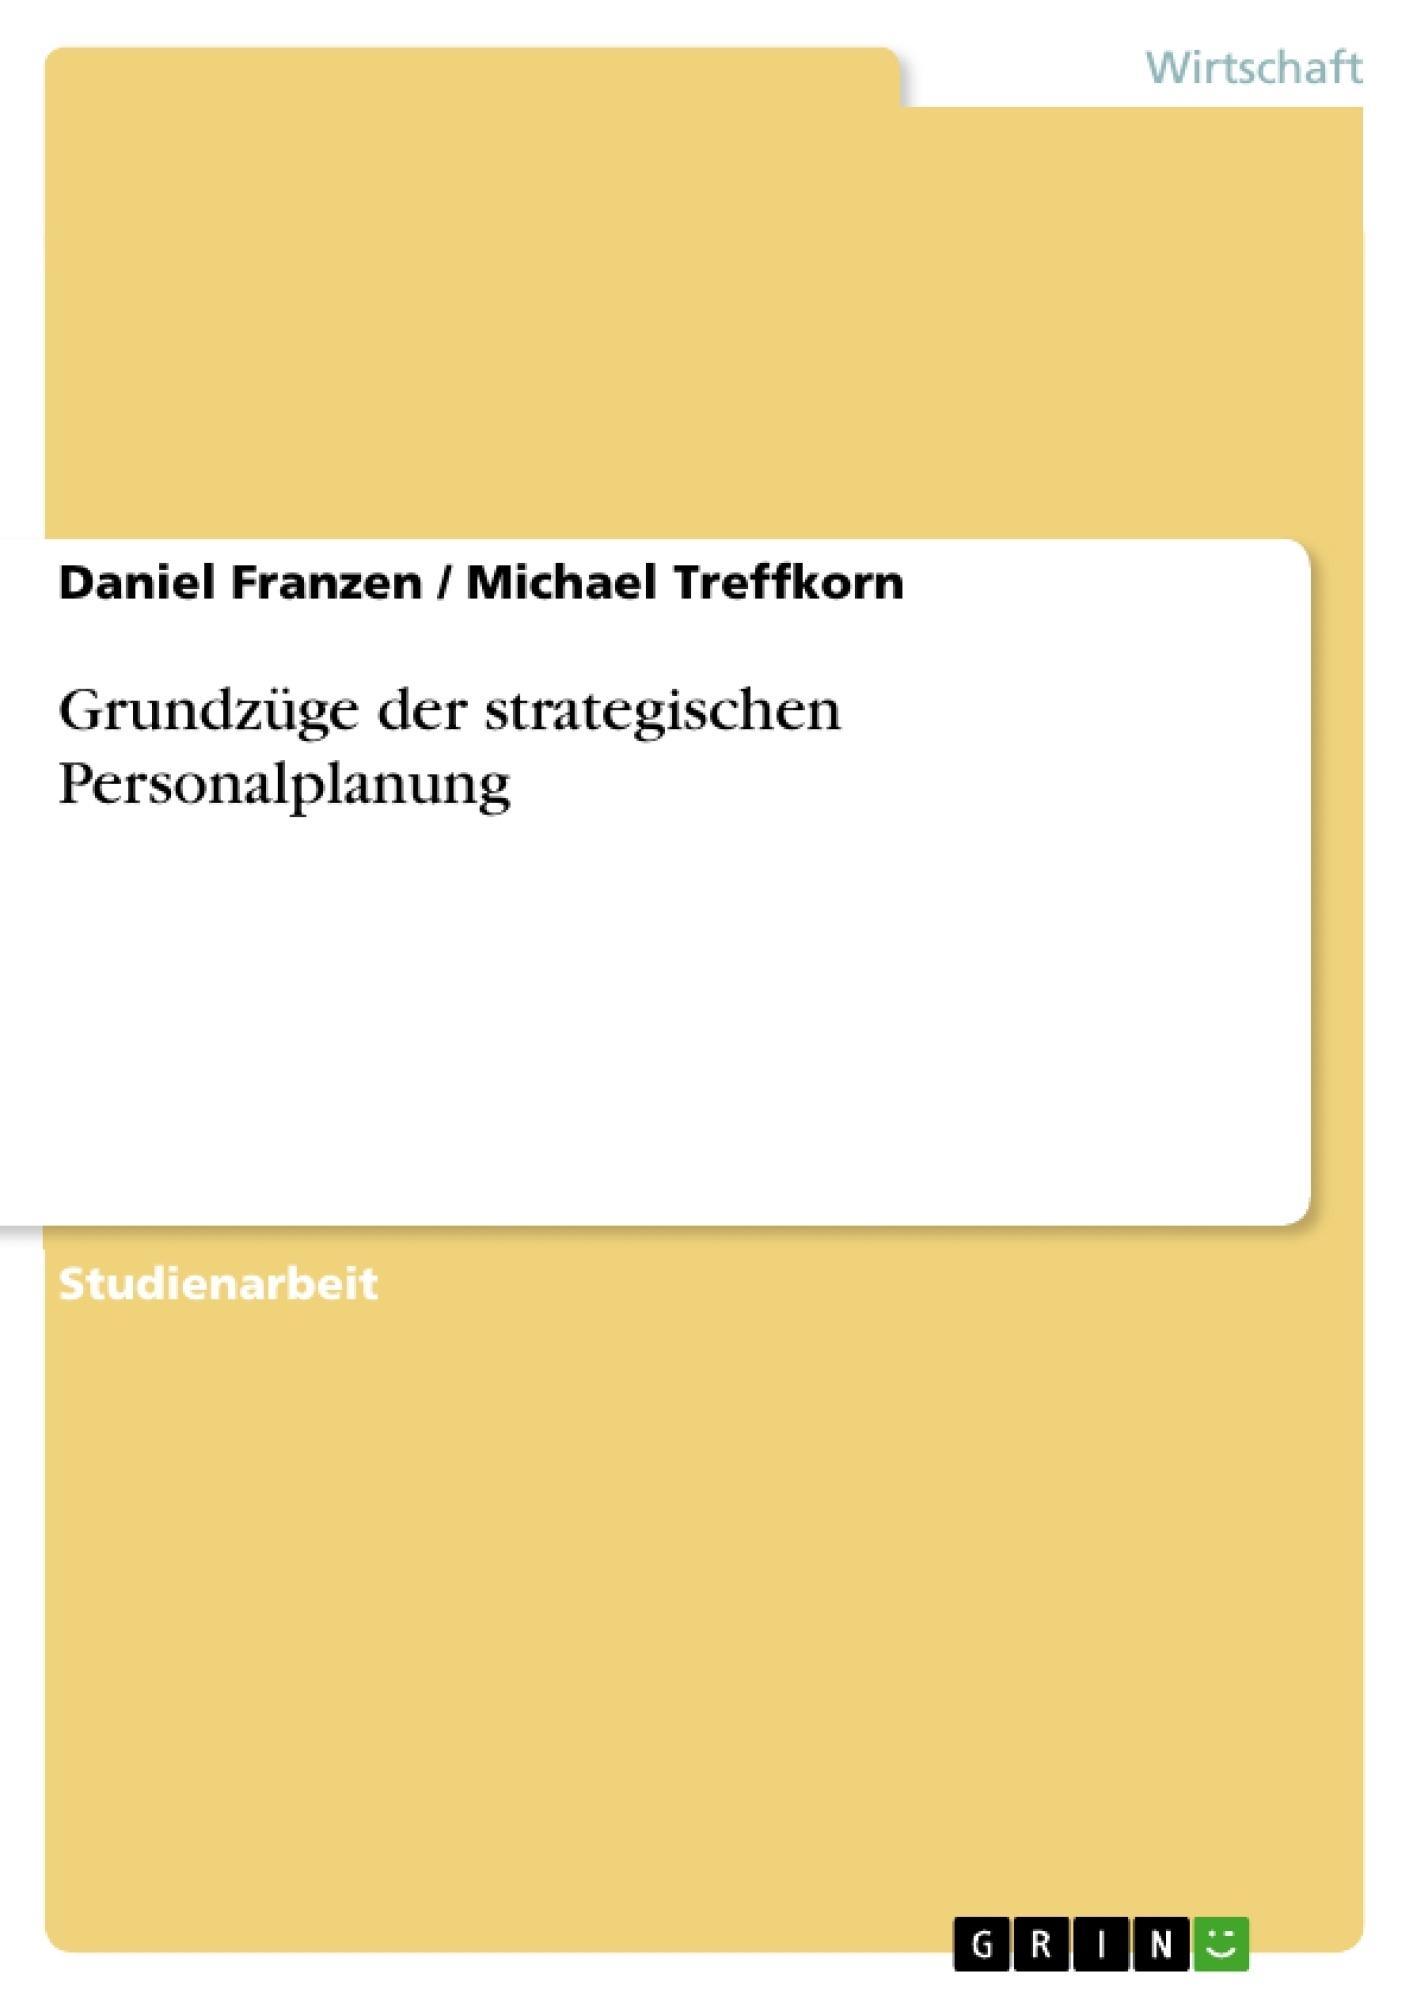 Titel: Grundzüge der strategischen Personalplanung